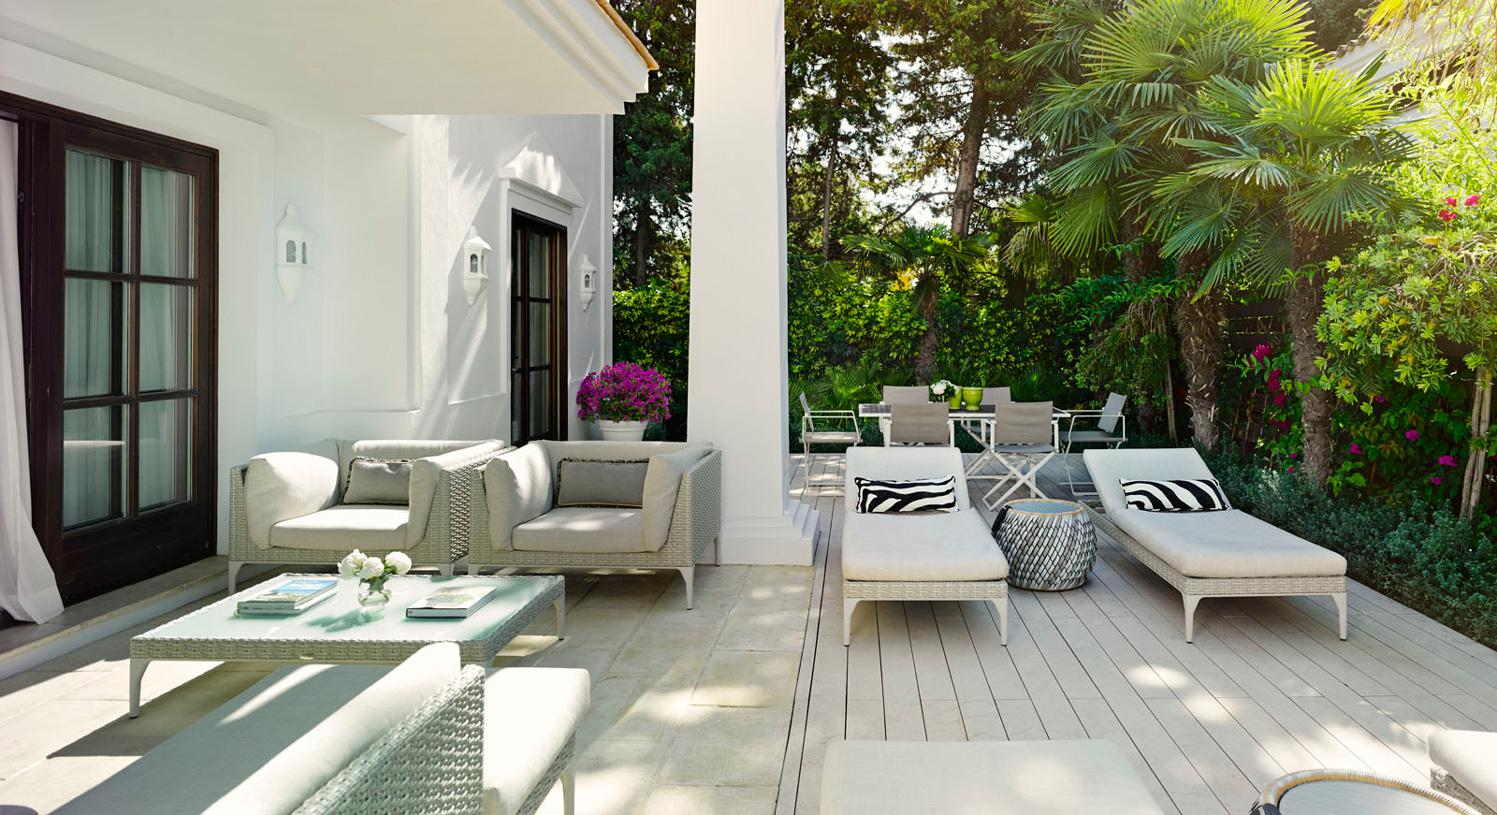 Three Bedrooms Villa, Marbella, Spain